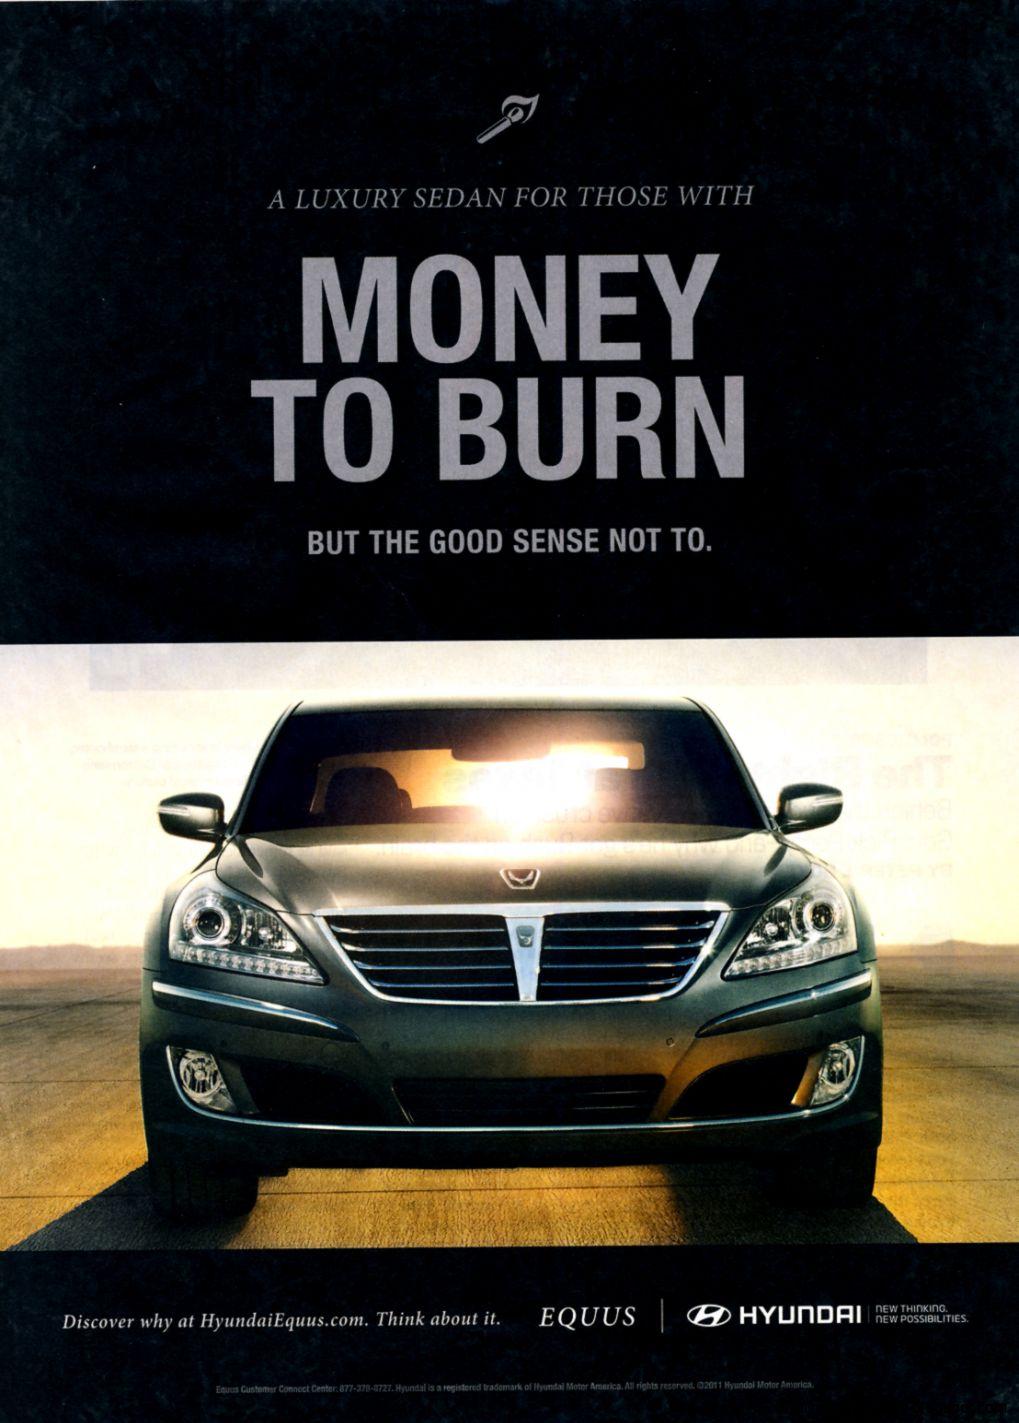 Why Hyundai Is Better Than Porsche or Jaguar   an Advertising Blog